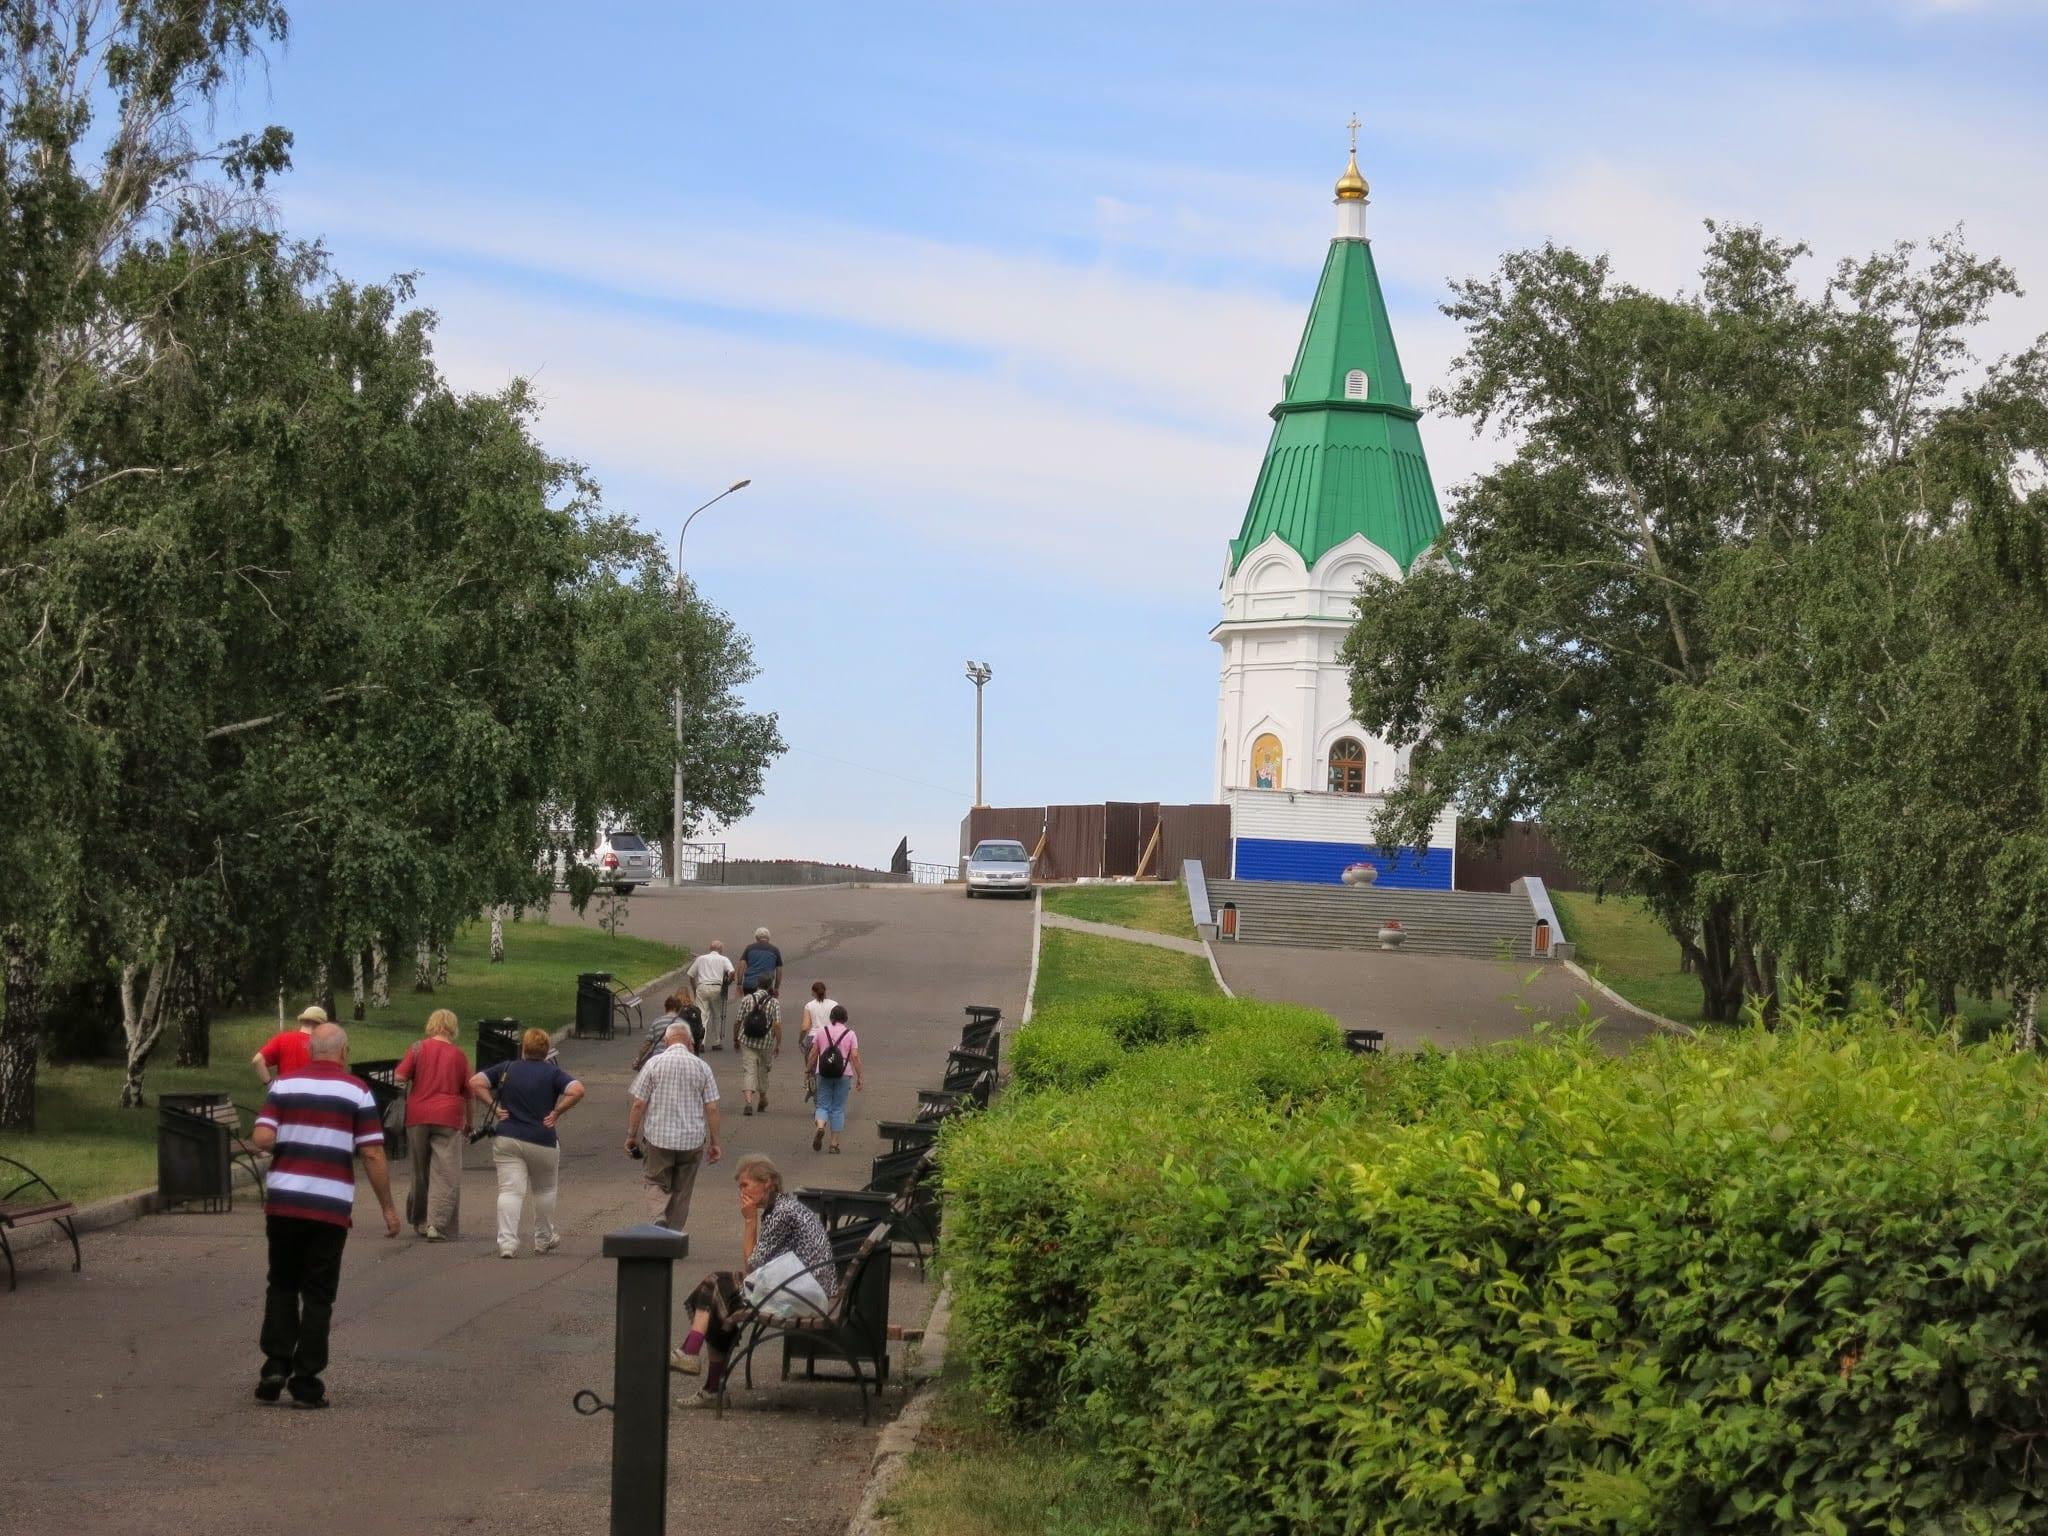 Praskeva Pyatnitsa Chapel in Krasnoyarsk Siberia